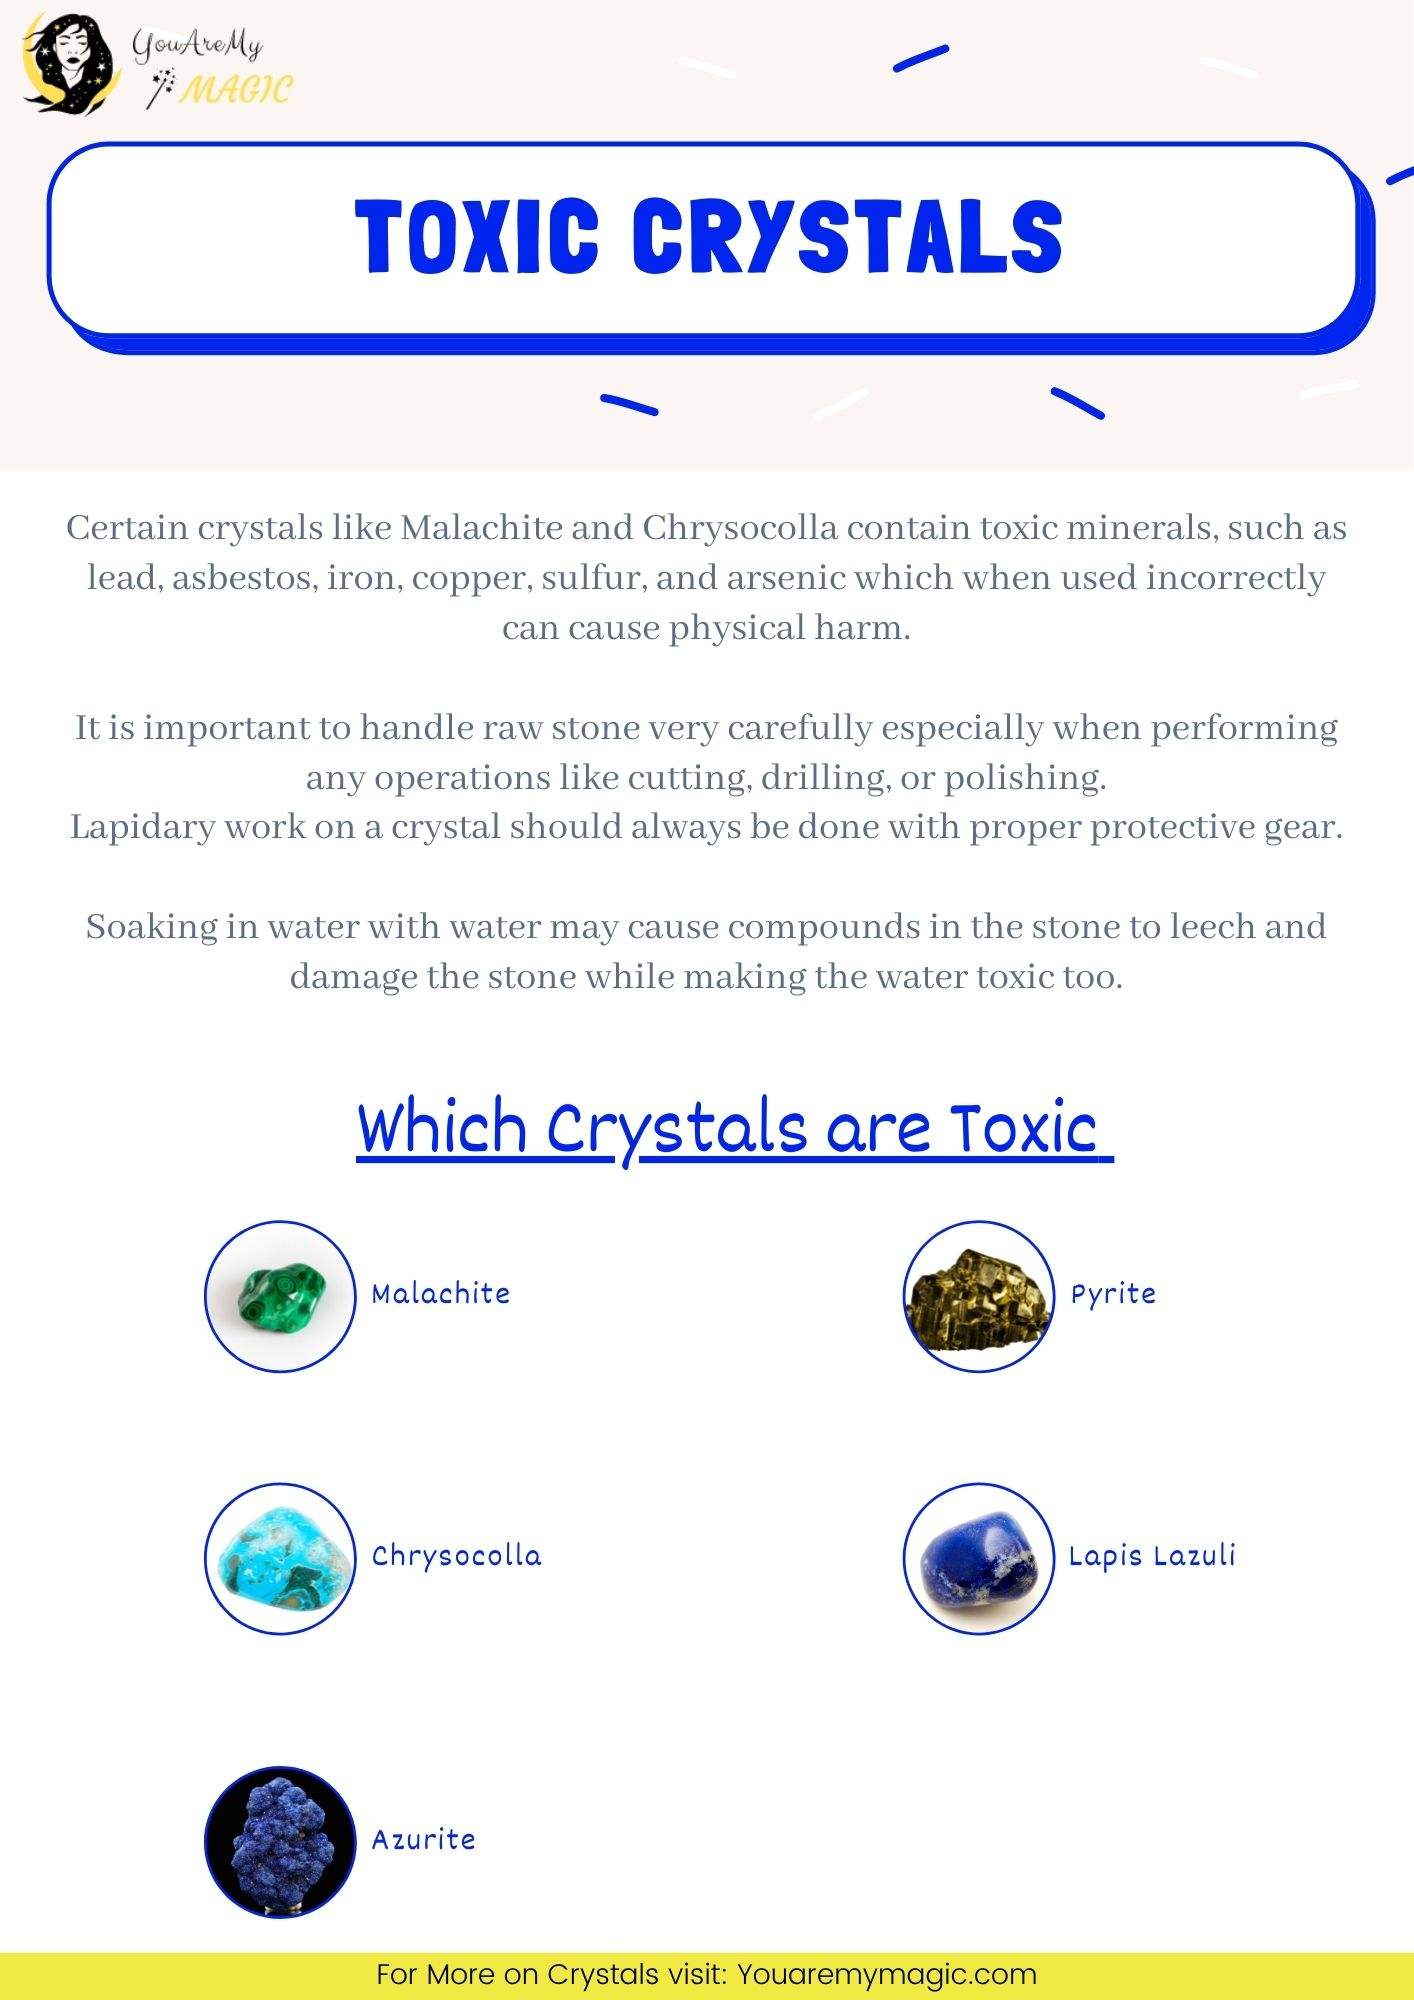 Toxic Crystals